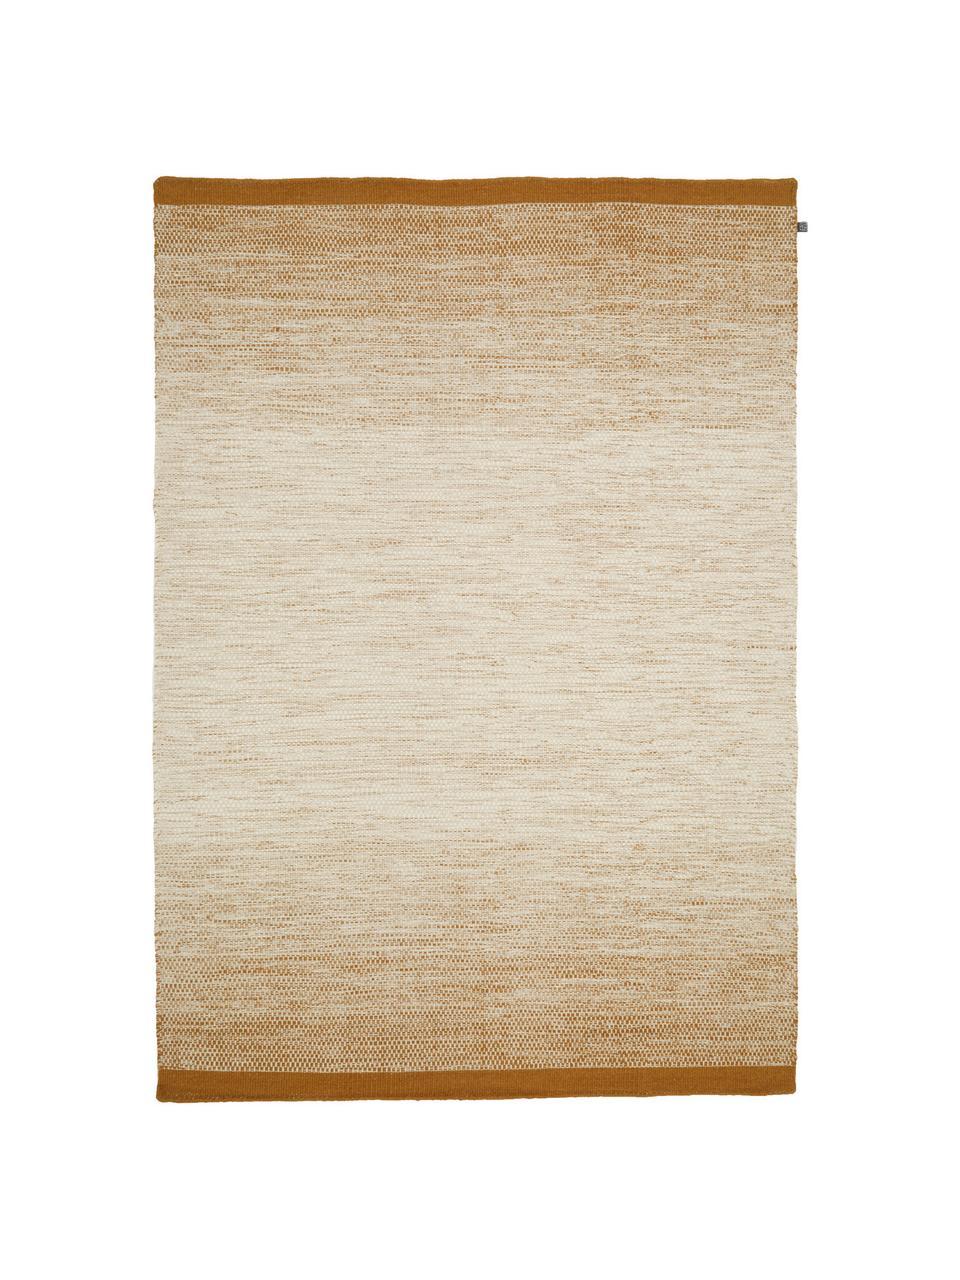 Handgeweven wollen vloerkleed Lule met kleurverloop in beige/geel, 70% wol, 30% katoen Bij wollen vloerkleden kunnen vezels loskomen in de eerste weken van gebruik, dit neemt af door dagelijks gebruik en pluizen wordt verminderd., Okergeel, beige, B 200 x L 300 cm (maat L)